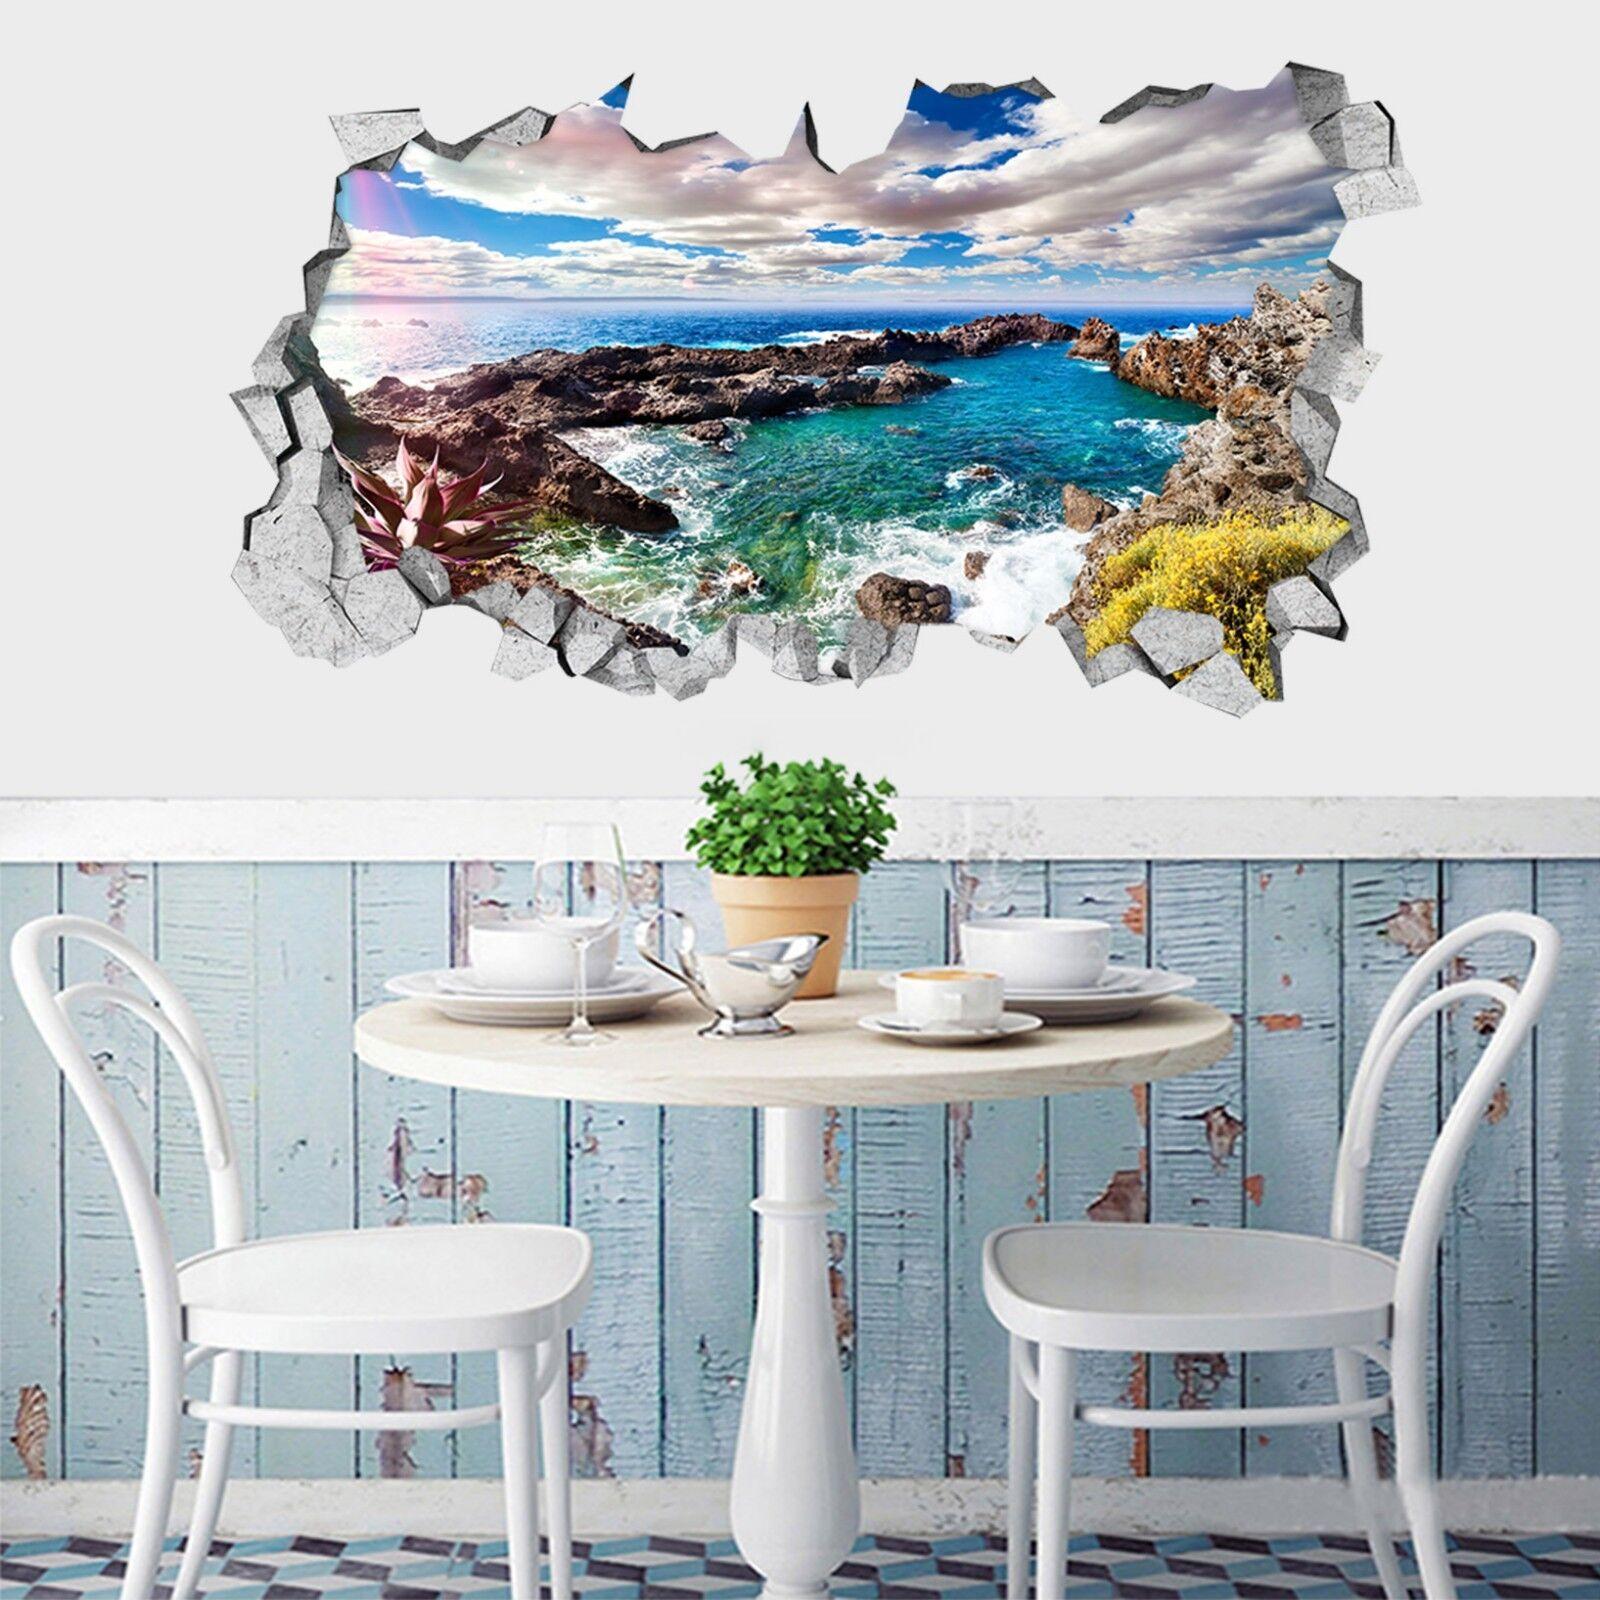 3D Hübsches Meer 29 Mauer Murals Mauer Aufklebe Decal Durchbruch AJ WALLPAPER DE